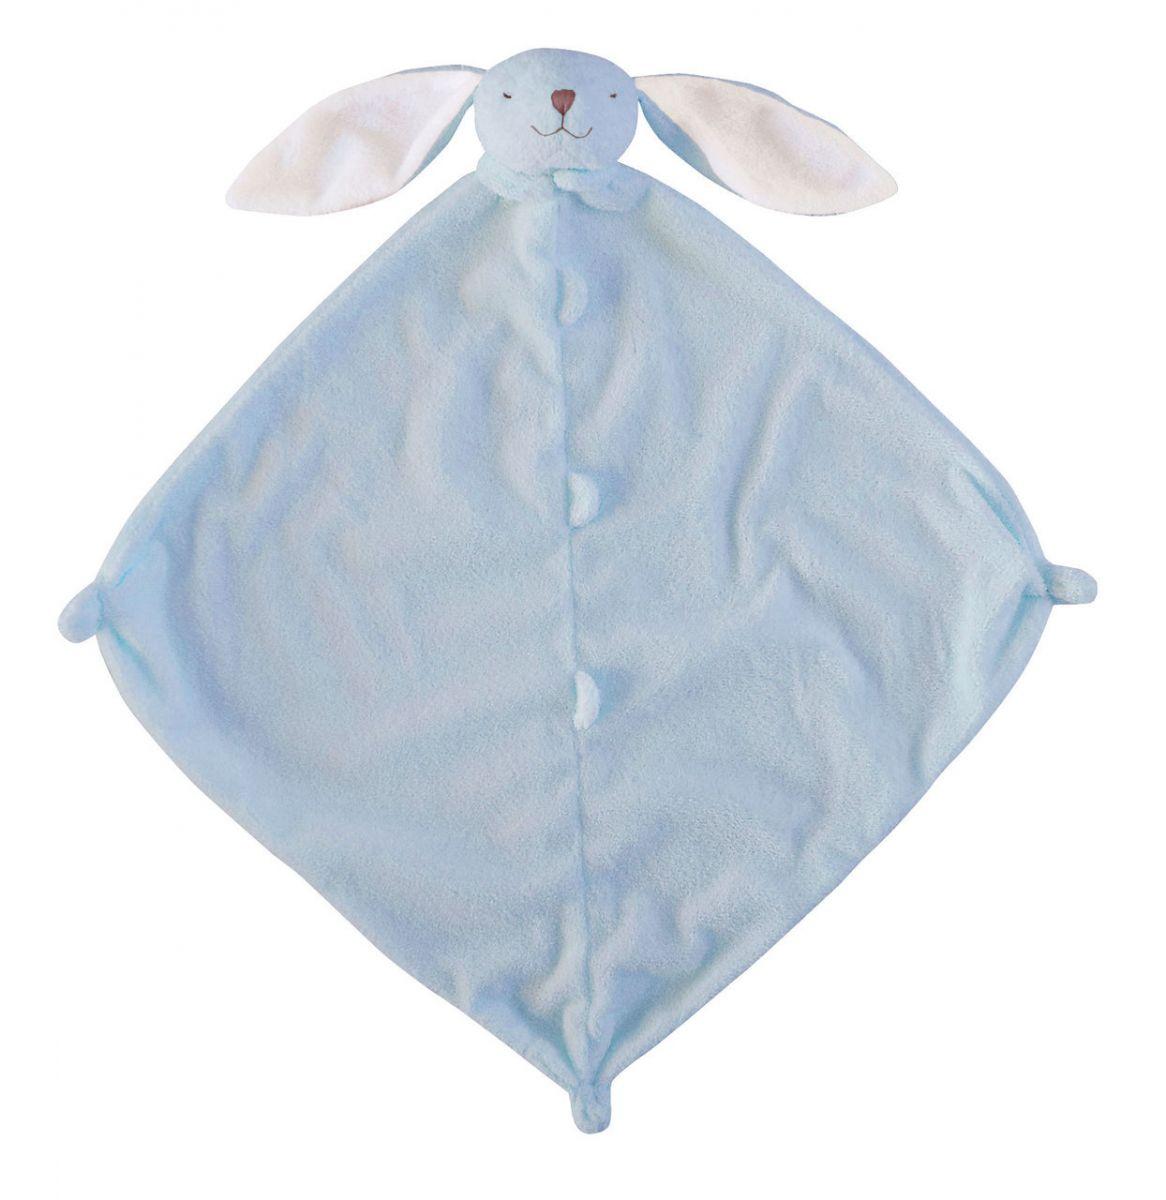 【超取免運】美國 Angel Dear 動物嬰兒安撫巾(新款藍色小兔)*夏日微風* 0